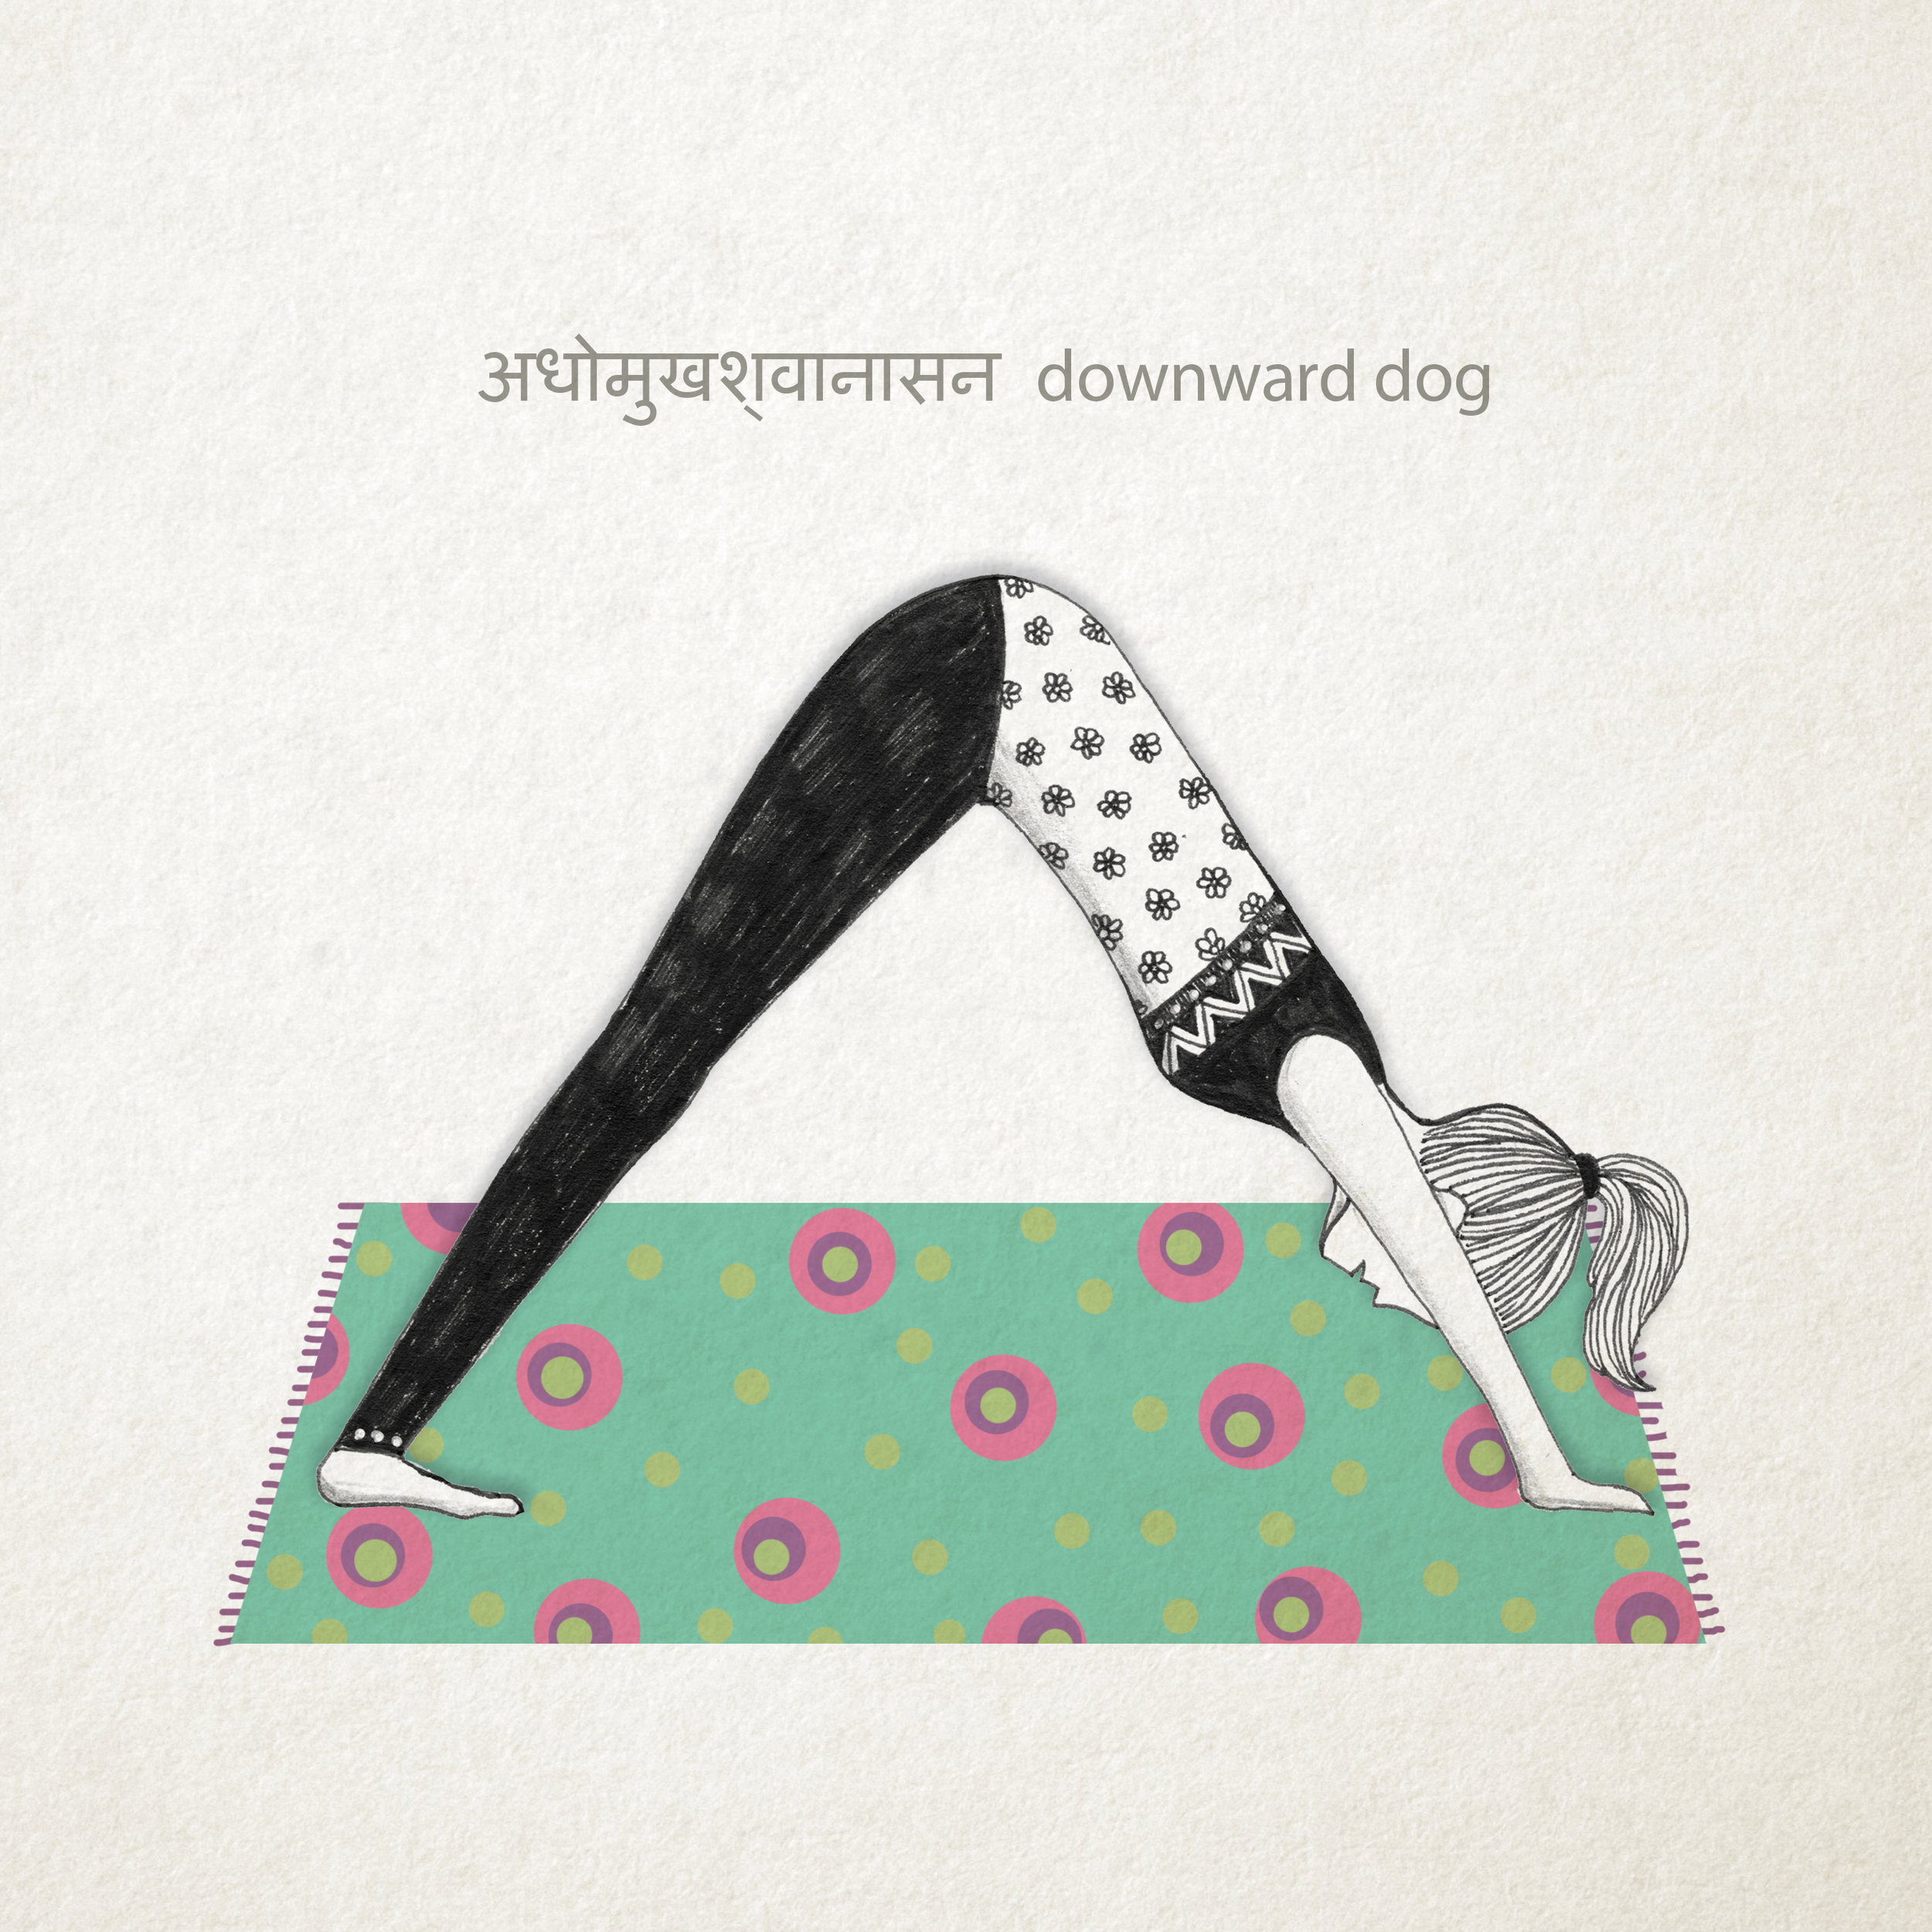 Downward Dog Pose